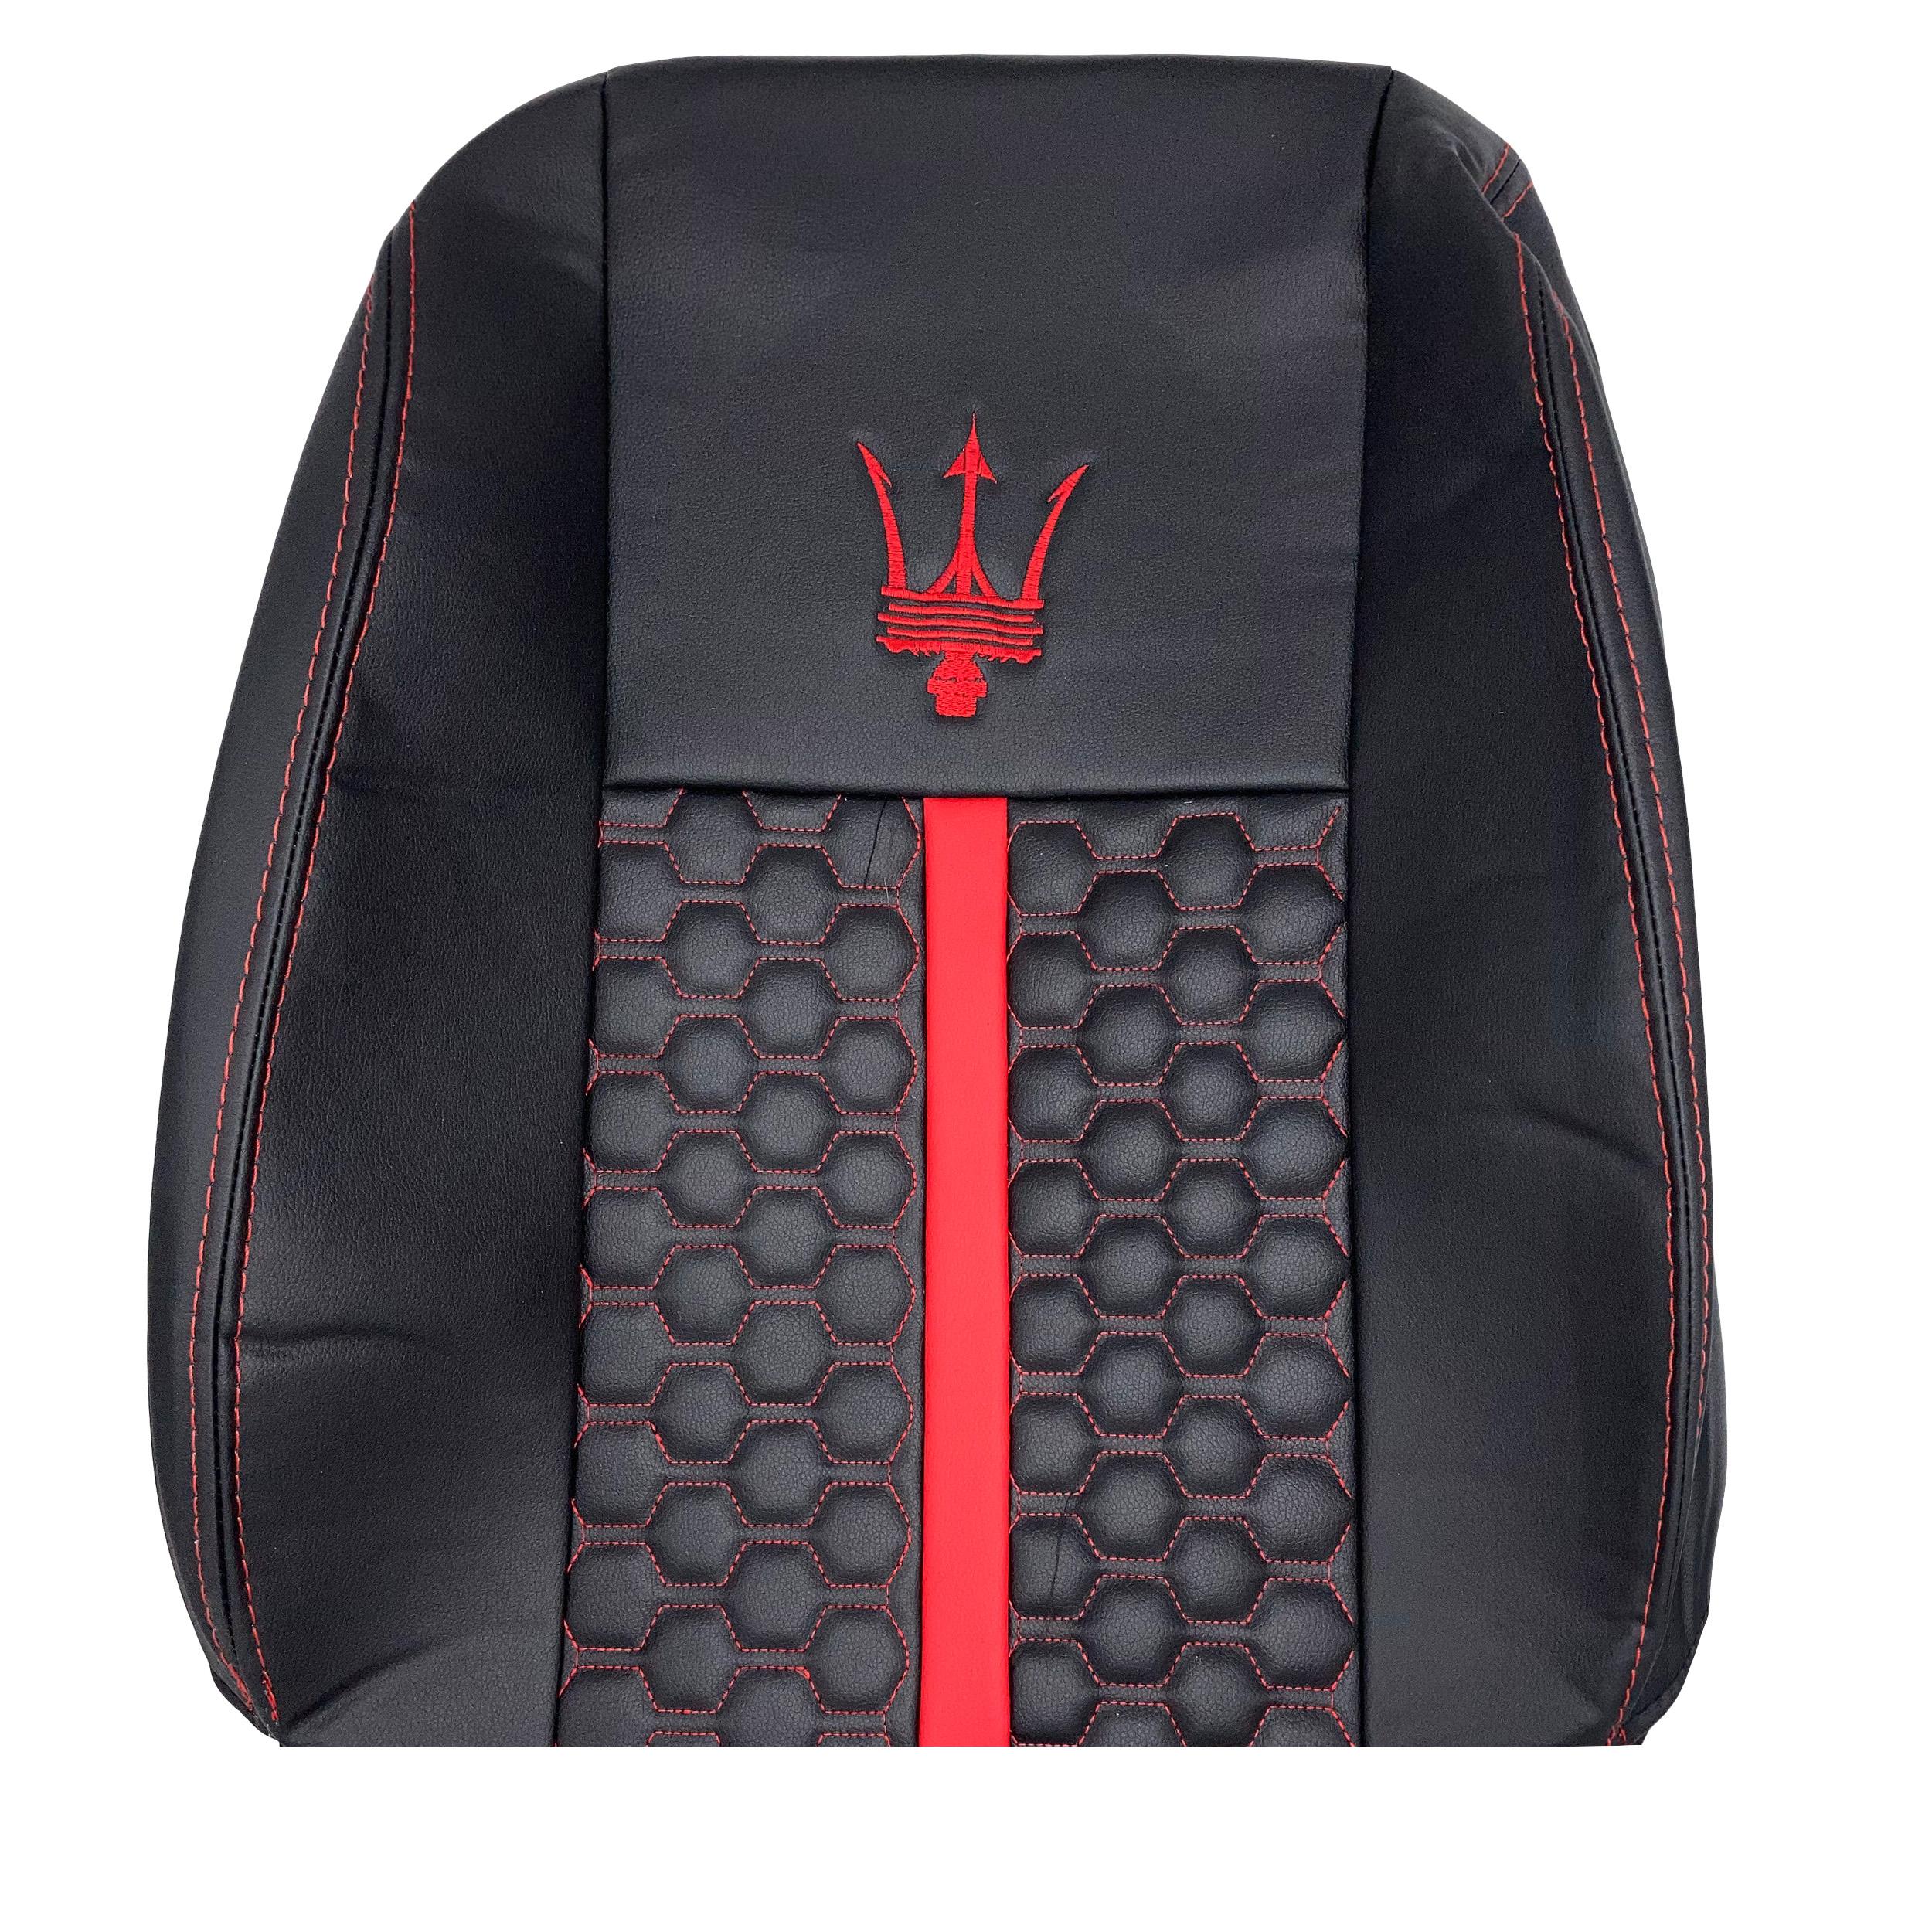 ر.کش صندلی خودرو کد R22 مناسب برای پژو 206